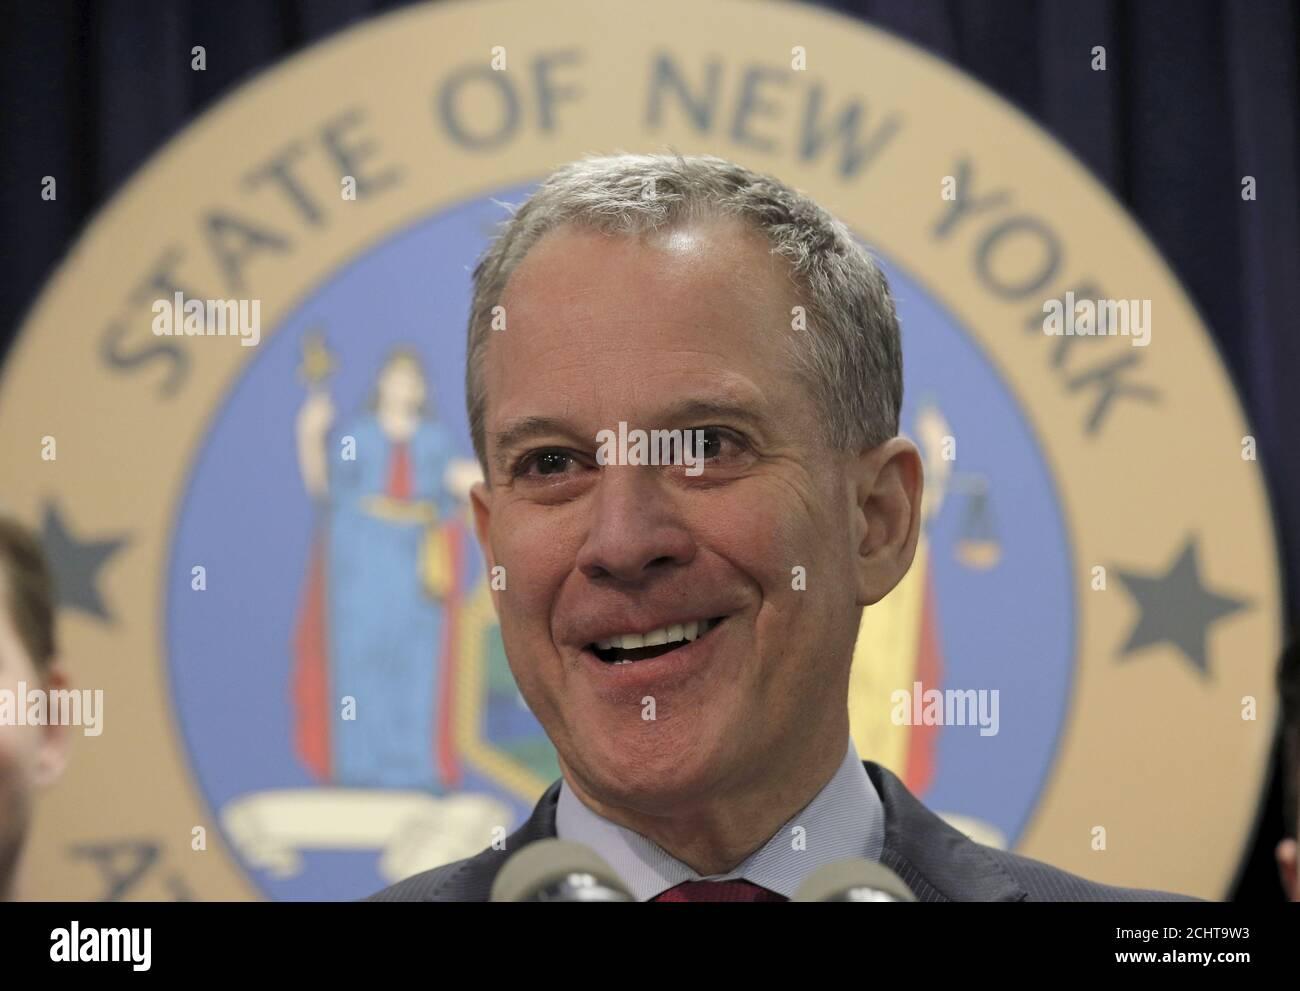 Le procureur général de New York, Eric Schneiderman, parle lors d'une conférence de presse sur les sociétés de sports de fantaisie FanDuel et rapporteur pour avis Kings à New York le 21 mars 2016. REUTERS/Brendan McDermid Banque D'Images